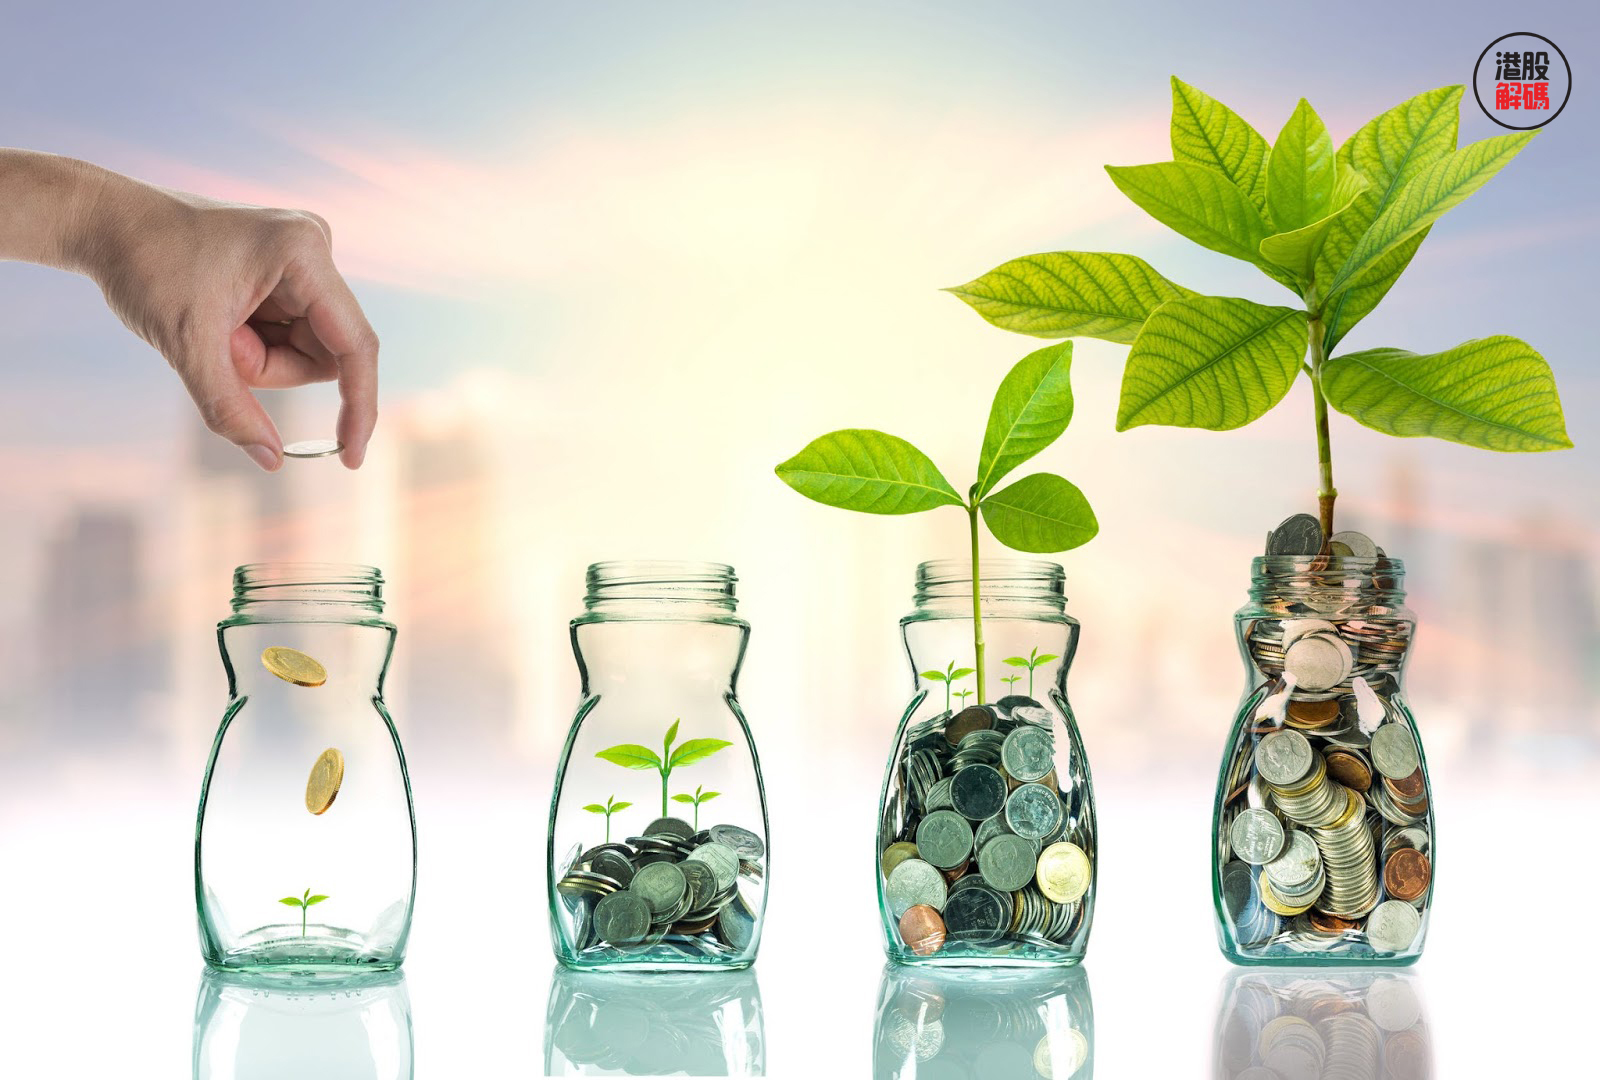 又到年中检讨 2018年下半年如何作投资部署?